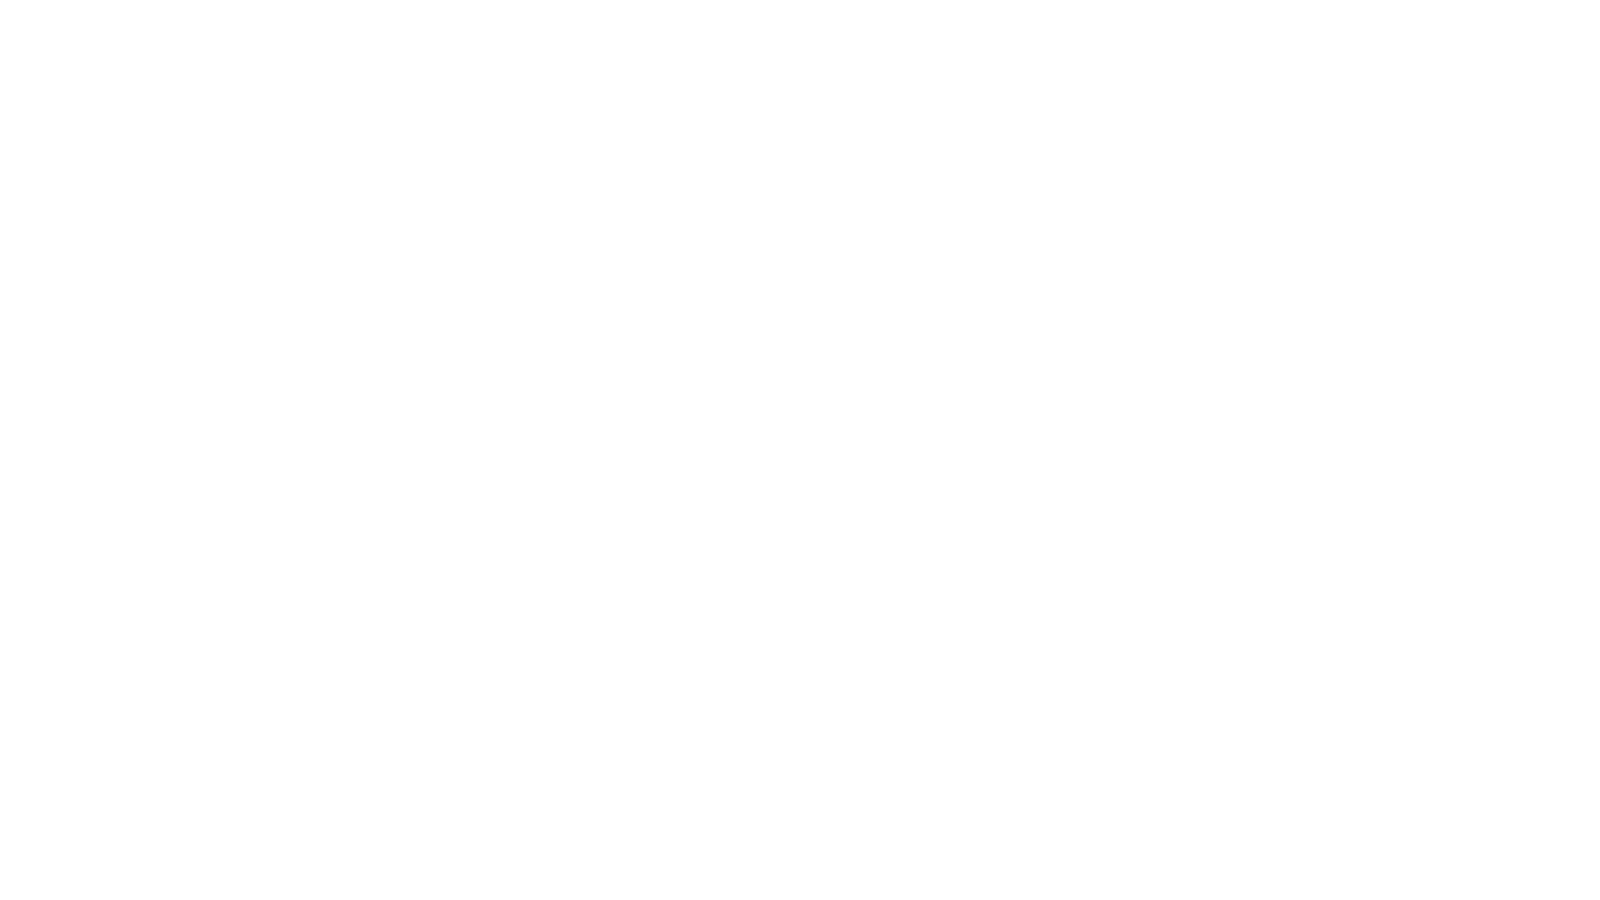 Wir feiern Gottesdienst und laden dich herzlich ein, dabei zu sein. Im Gottesdienst berichtet Silas Brandl aus der Mission in Tansania.  Weitere Infos zu den Angeboten, zur Gemeinde und zu Spendenmöglichkeit: www.baptisten-waldshut.de.  Kontakt zu unserem Pastor Andreas Neef pastor[at]baptisten-waldshut.de